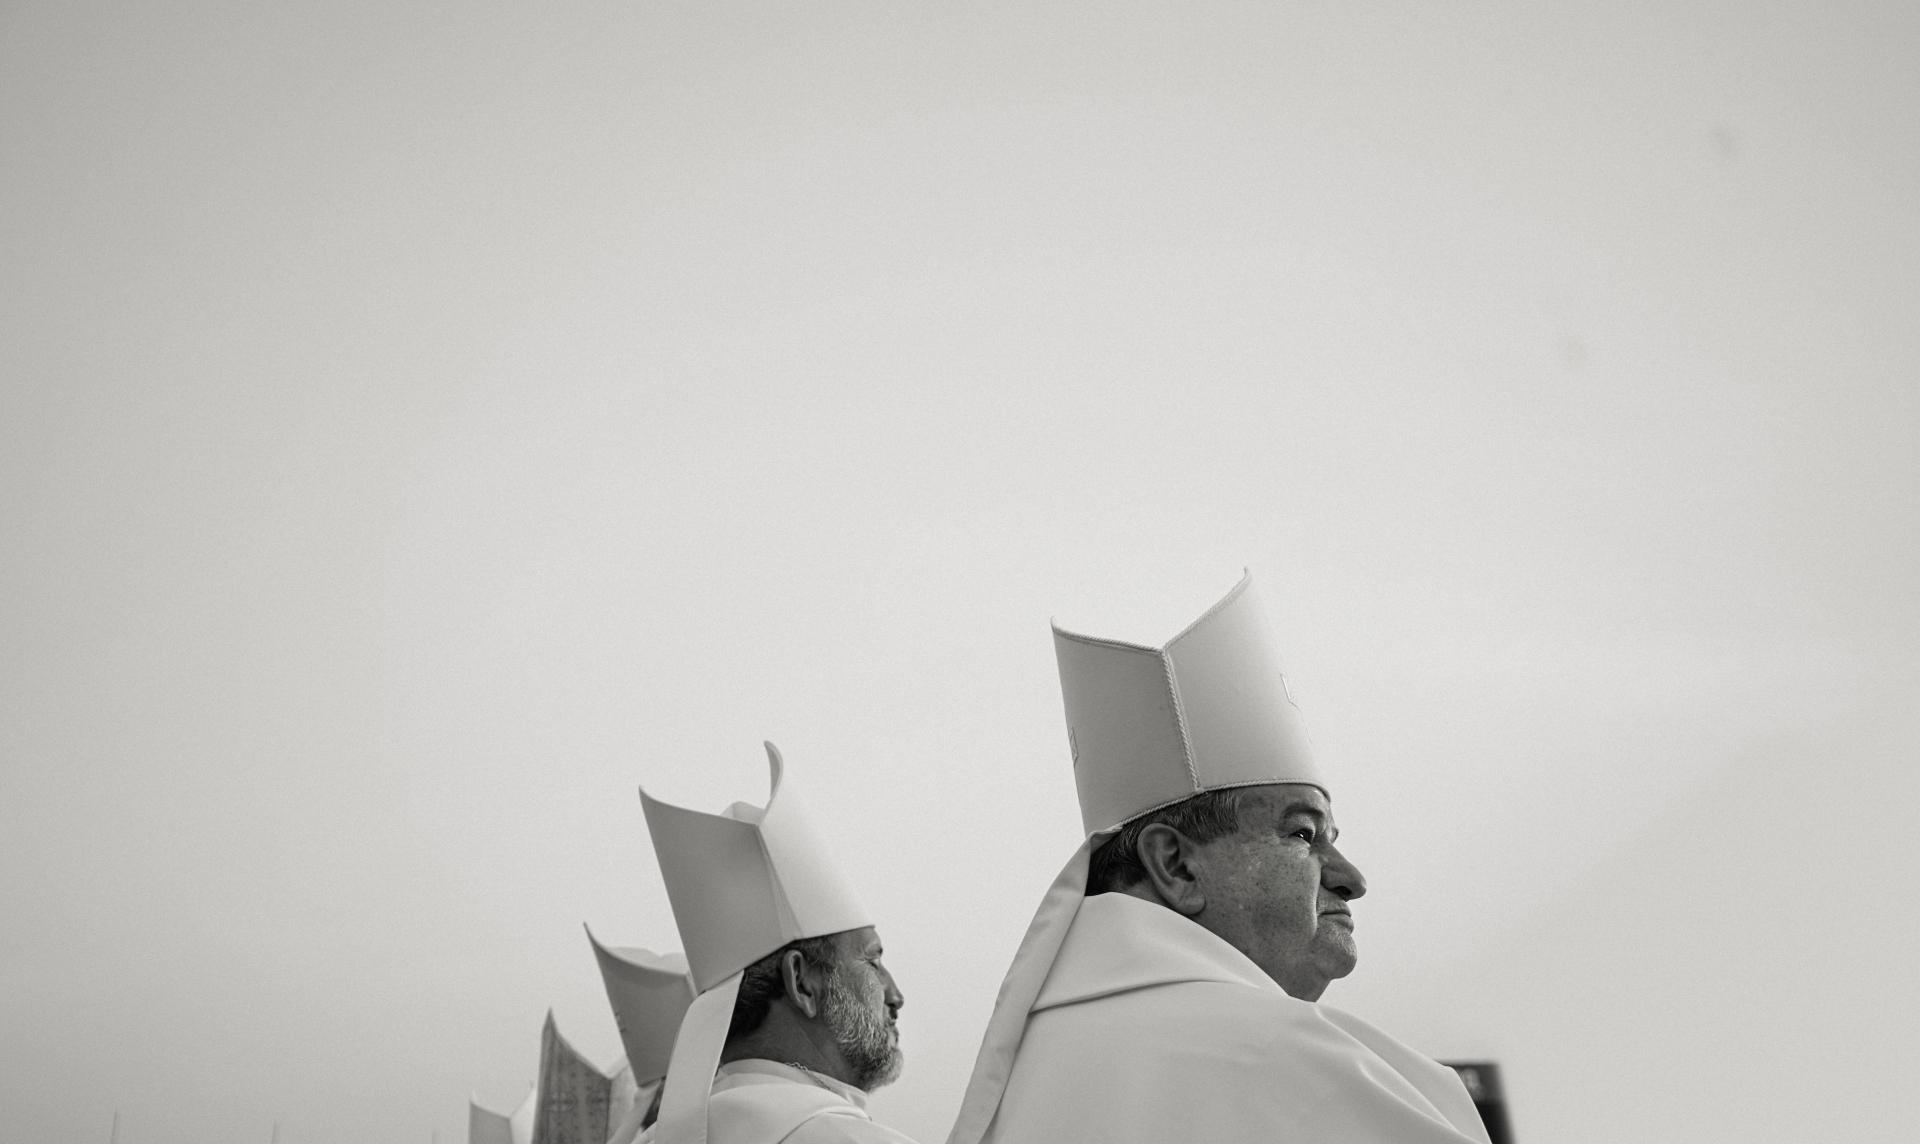 Festa de Santo Antônio: a bênção do alto do helicóptero na Itália e dos pães no Brasil